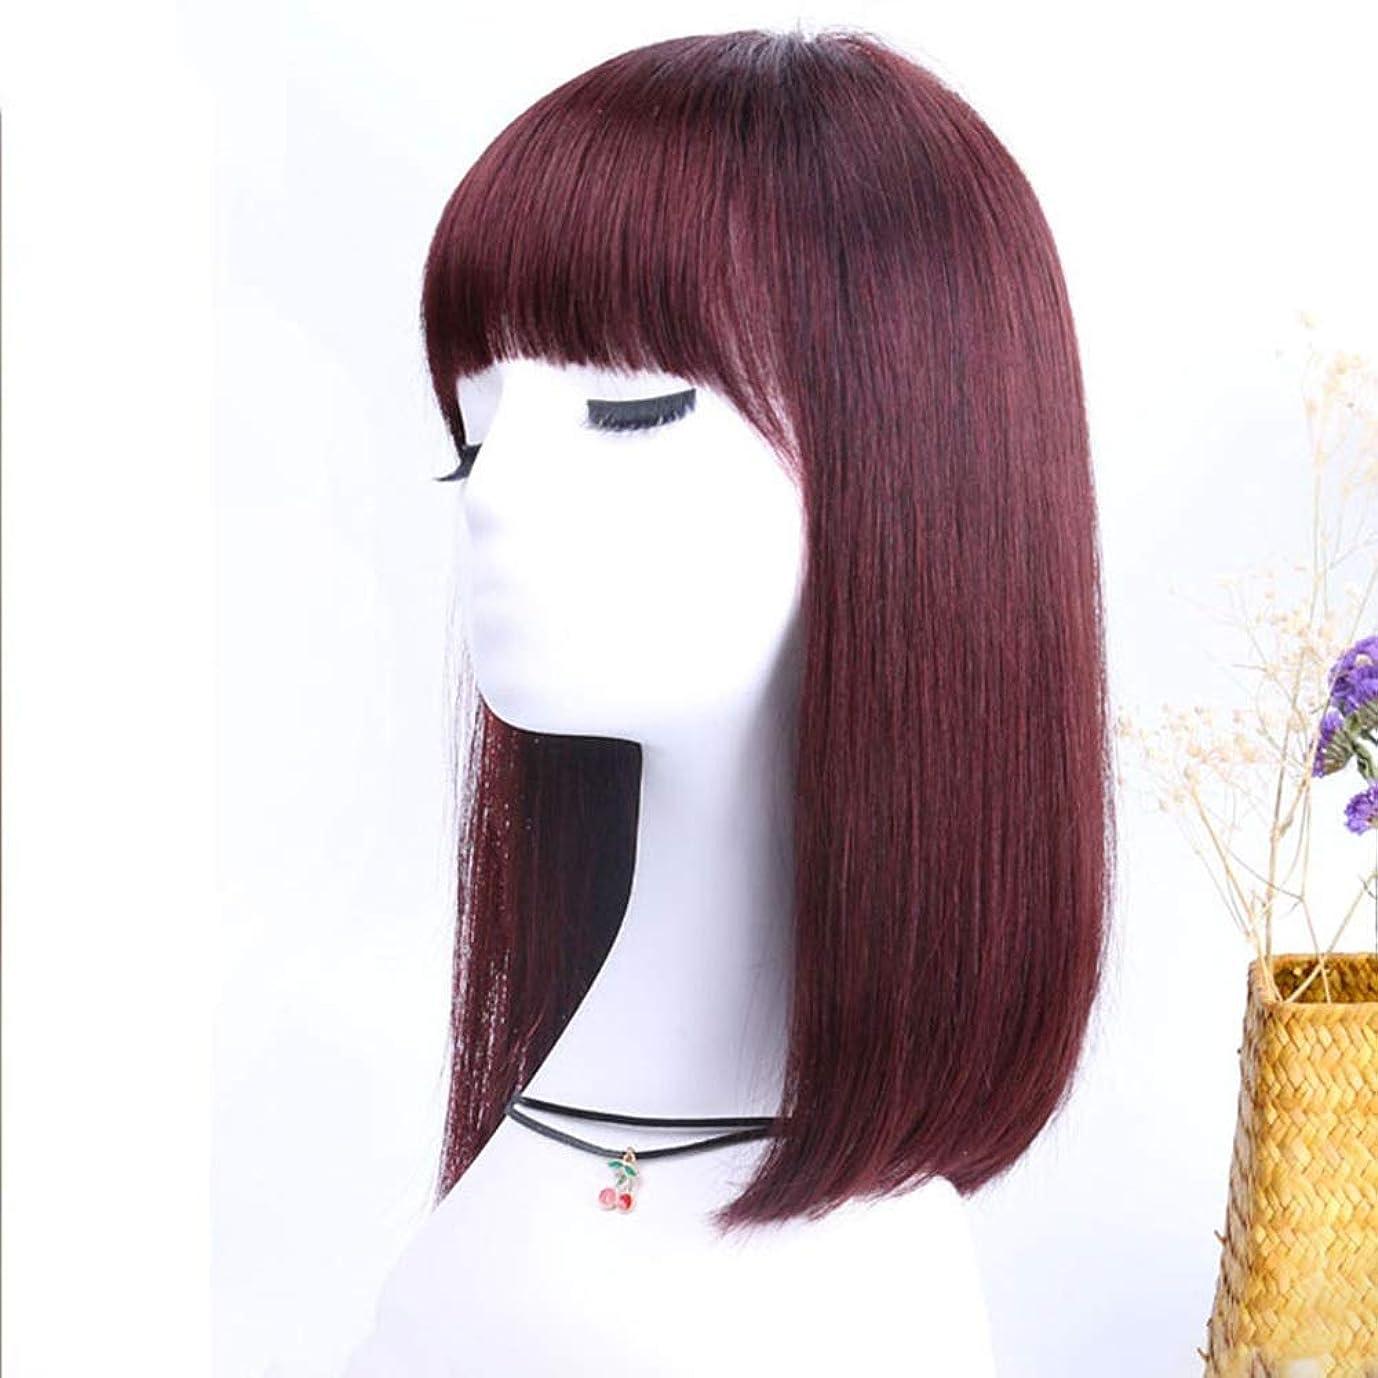 感嘆アレキサンダーグラハムベル老朽化したHOHYLLYA 本物の人間の髪の毛のかつらかつら肩ストレートインサイドバックルペアーヘッド用女性パーティー日常服パーティーかつら (色 : Natural black)